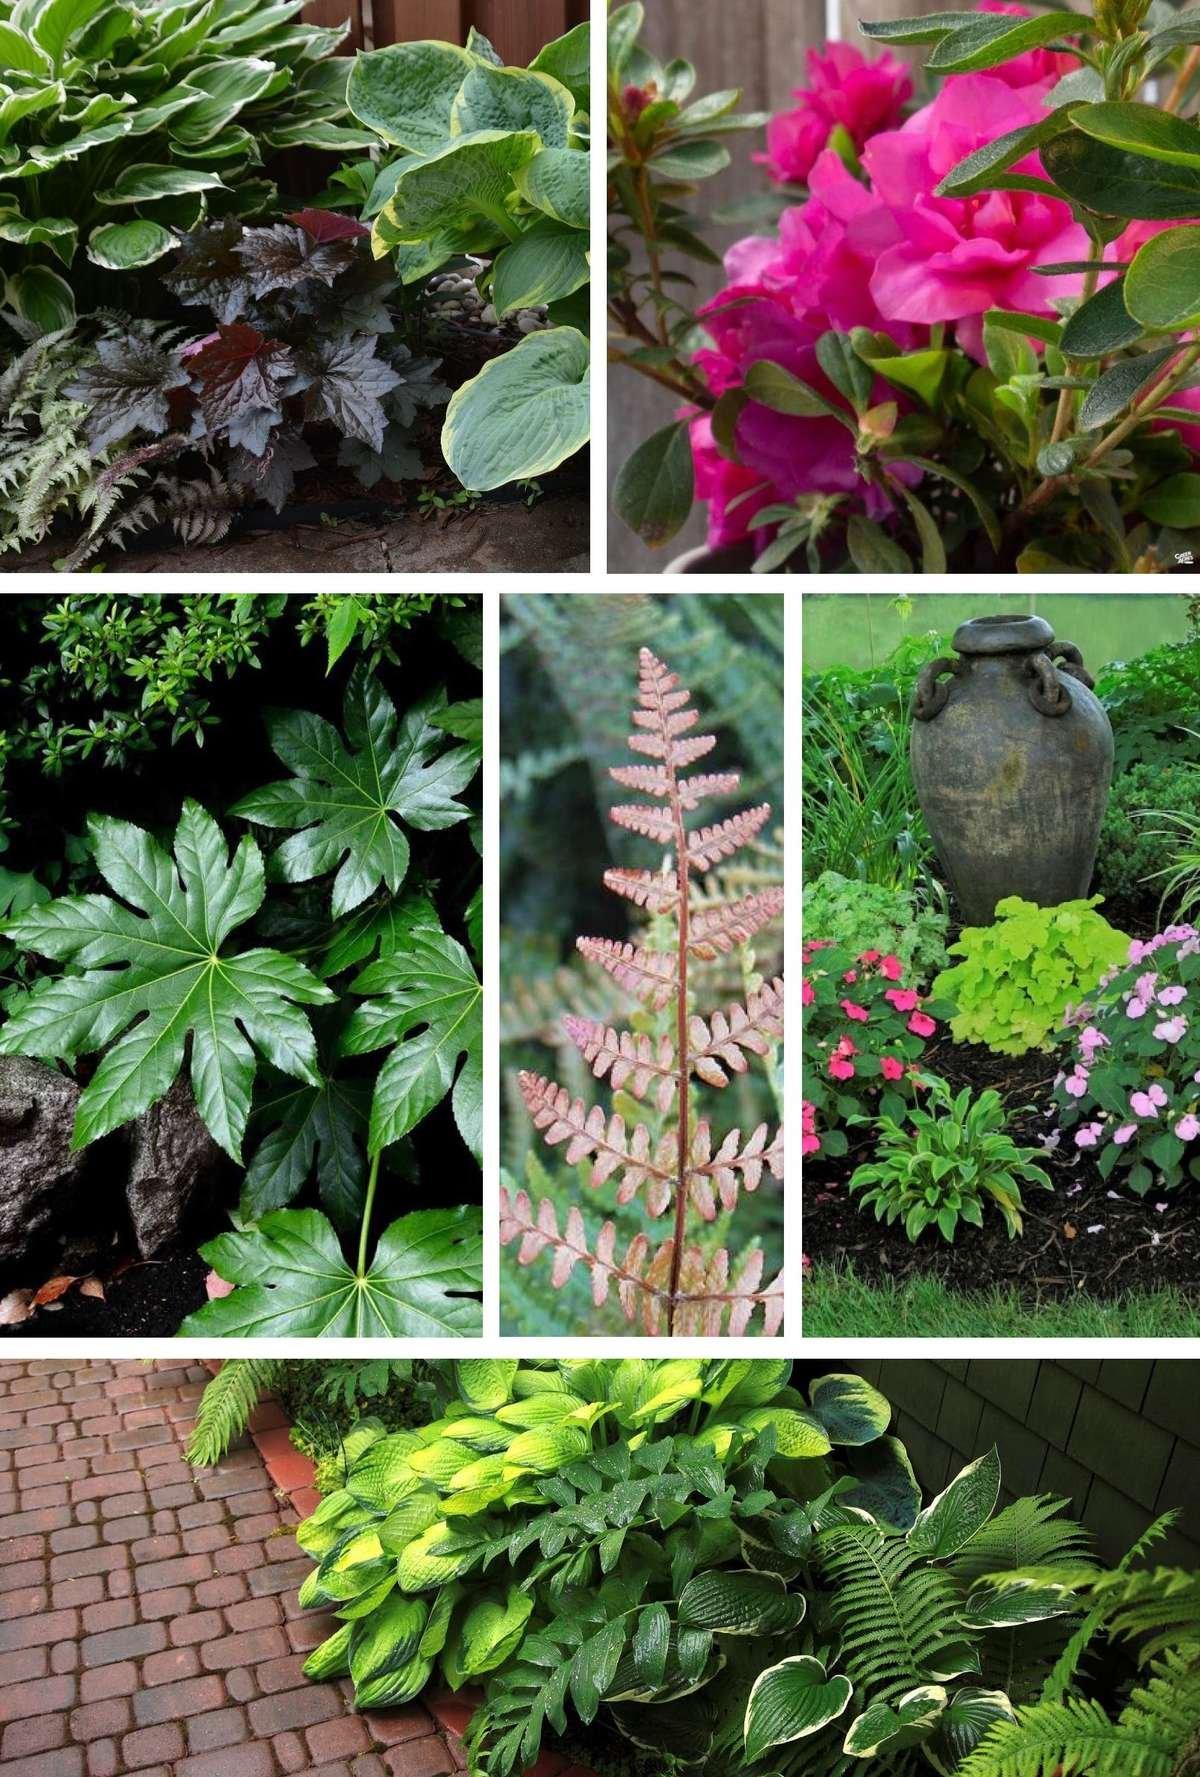 Shady Garden Collage